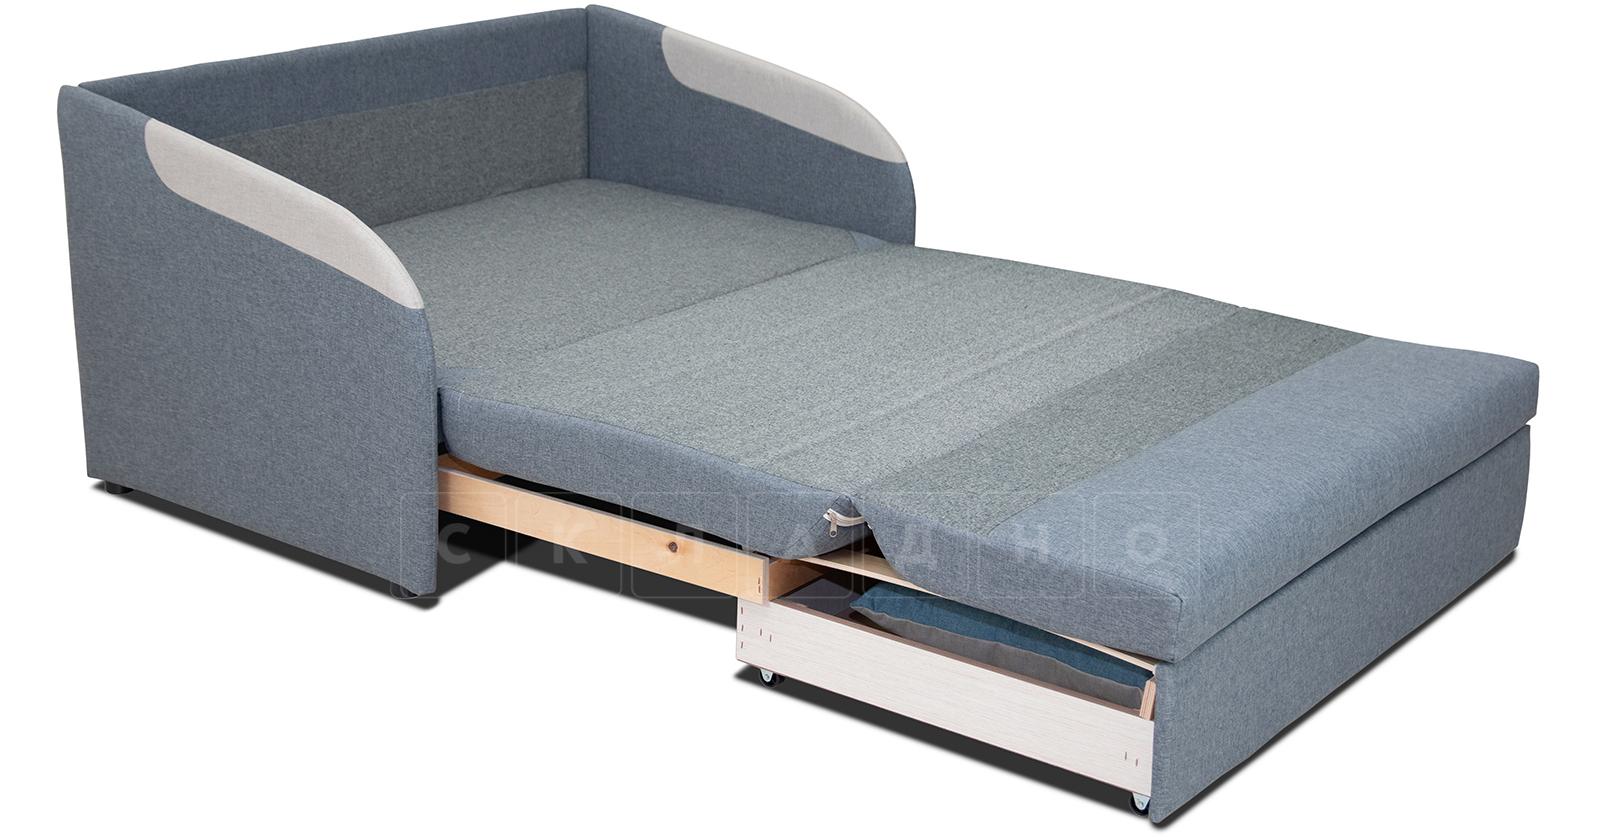 Диван-кровать с узкими подлокотниками Громит 120 серый ТД 133 фото 2 | интернет-магазин Складно